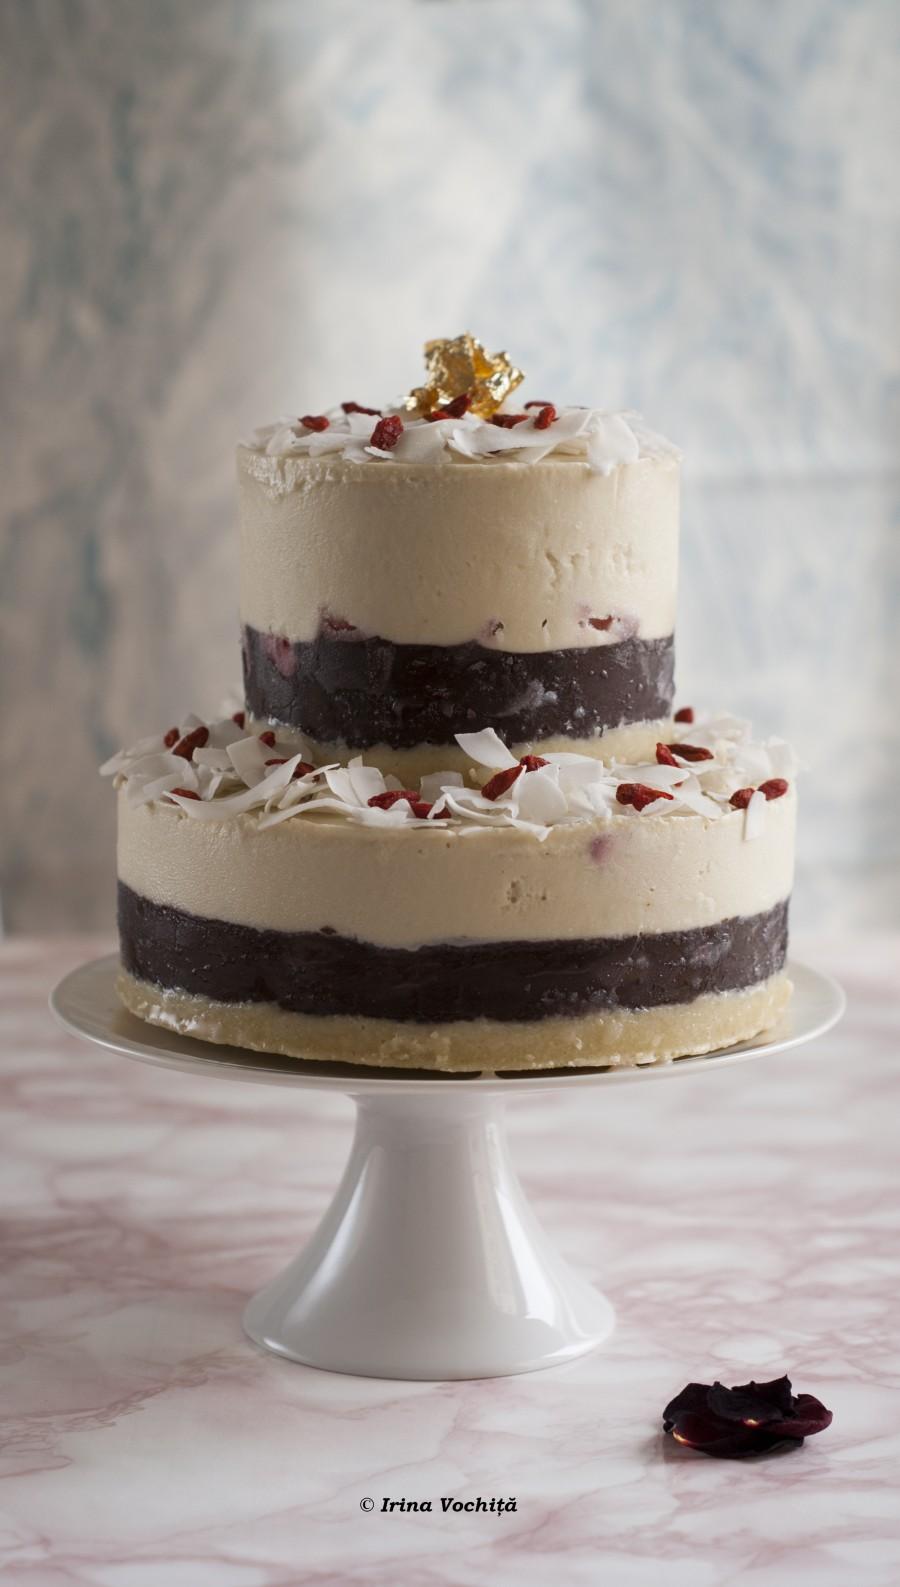 tort etajat cu cocos, capsuni si ciocolata